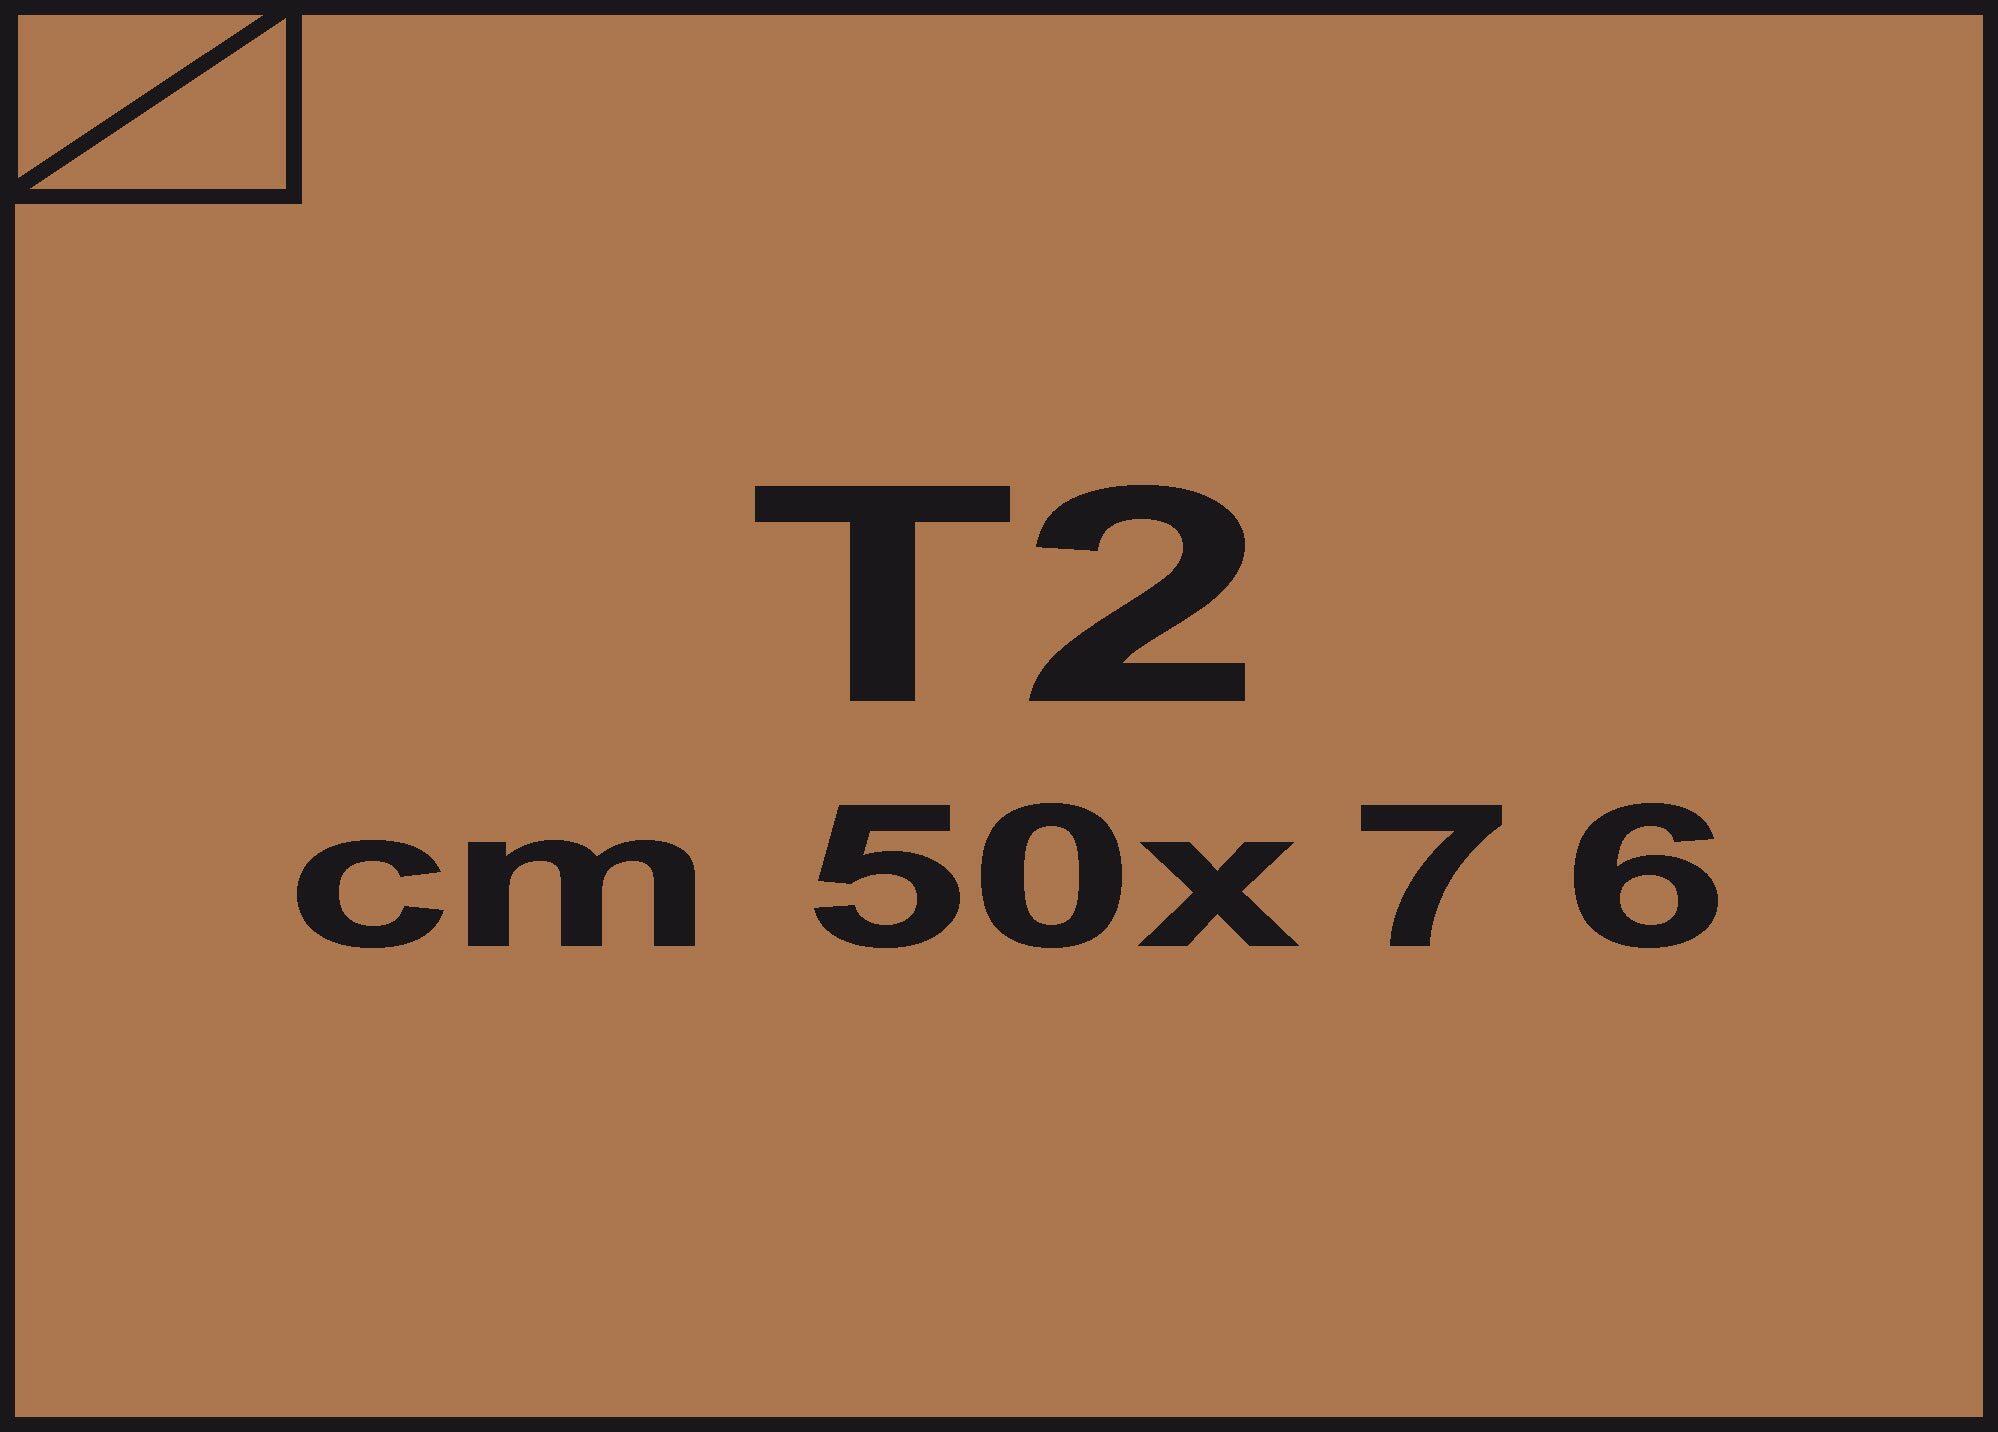 carta Carta velina Marrone chiaro 46, formato T2 (50x76cm), 18grammi x mq.